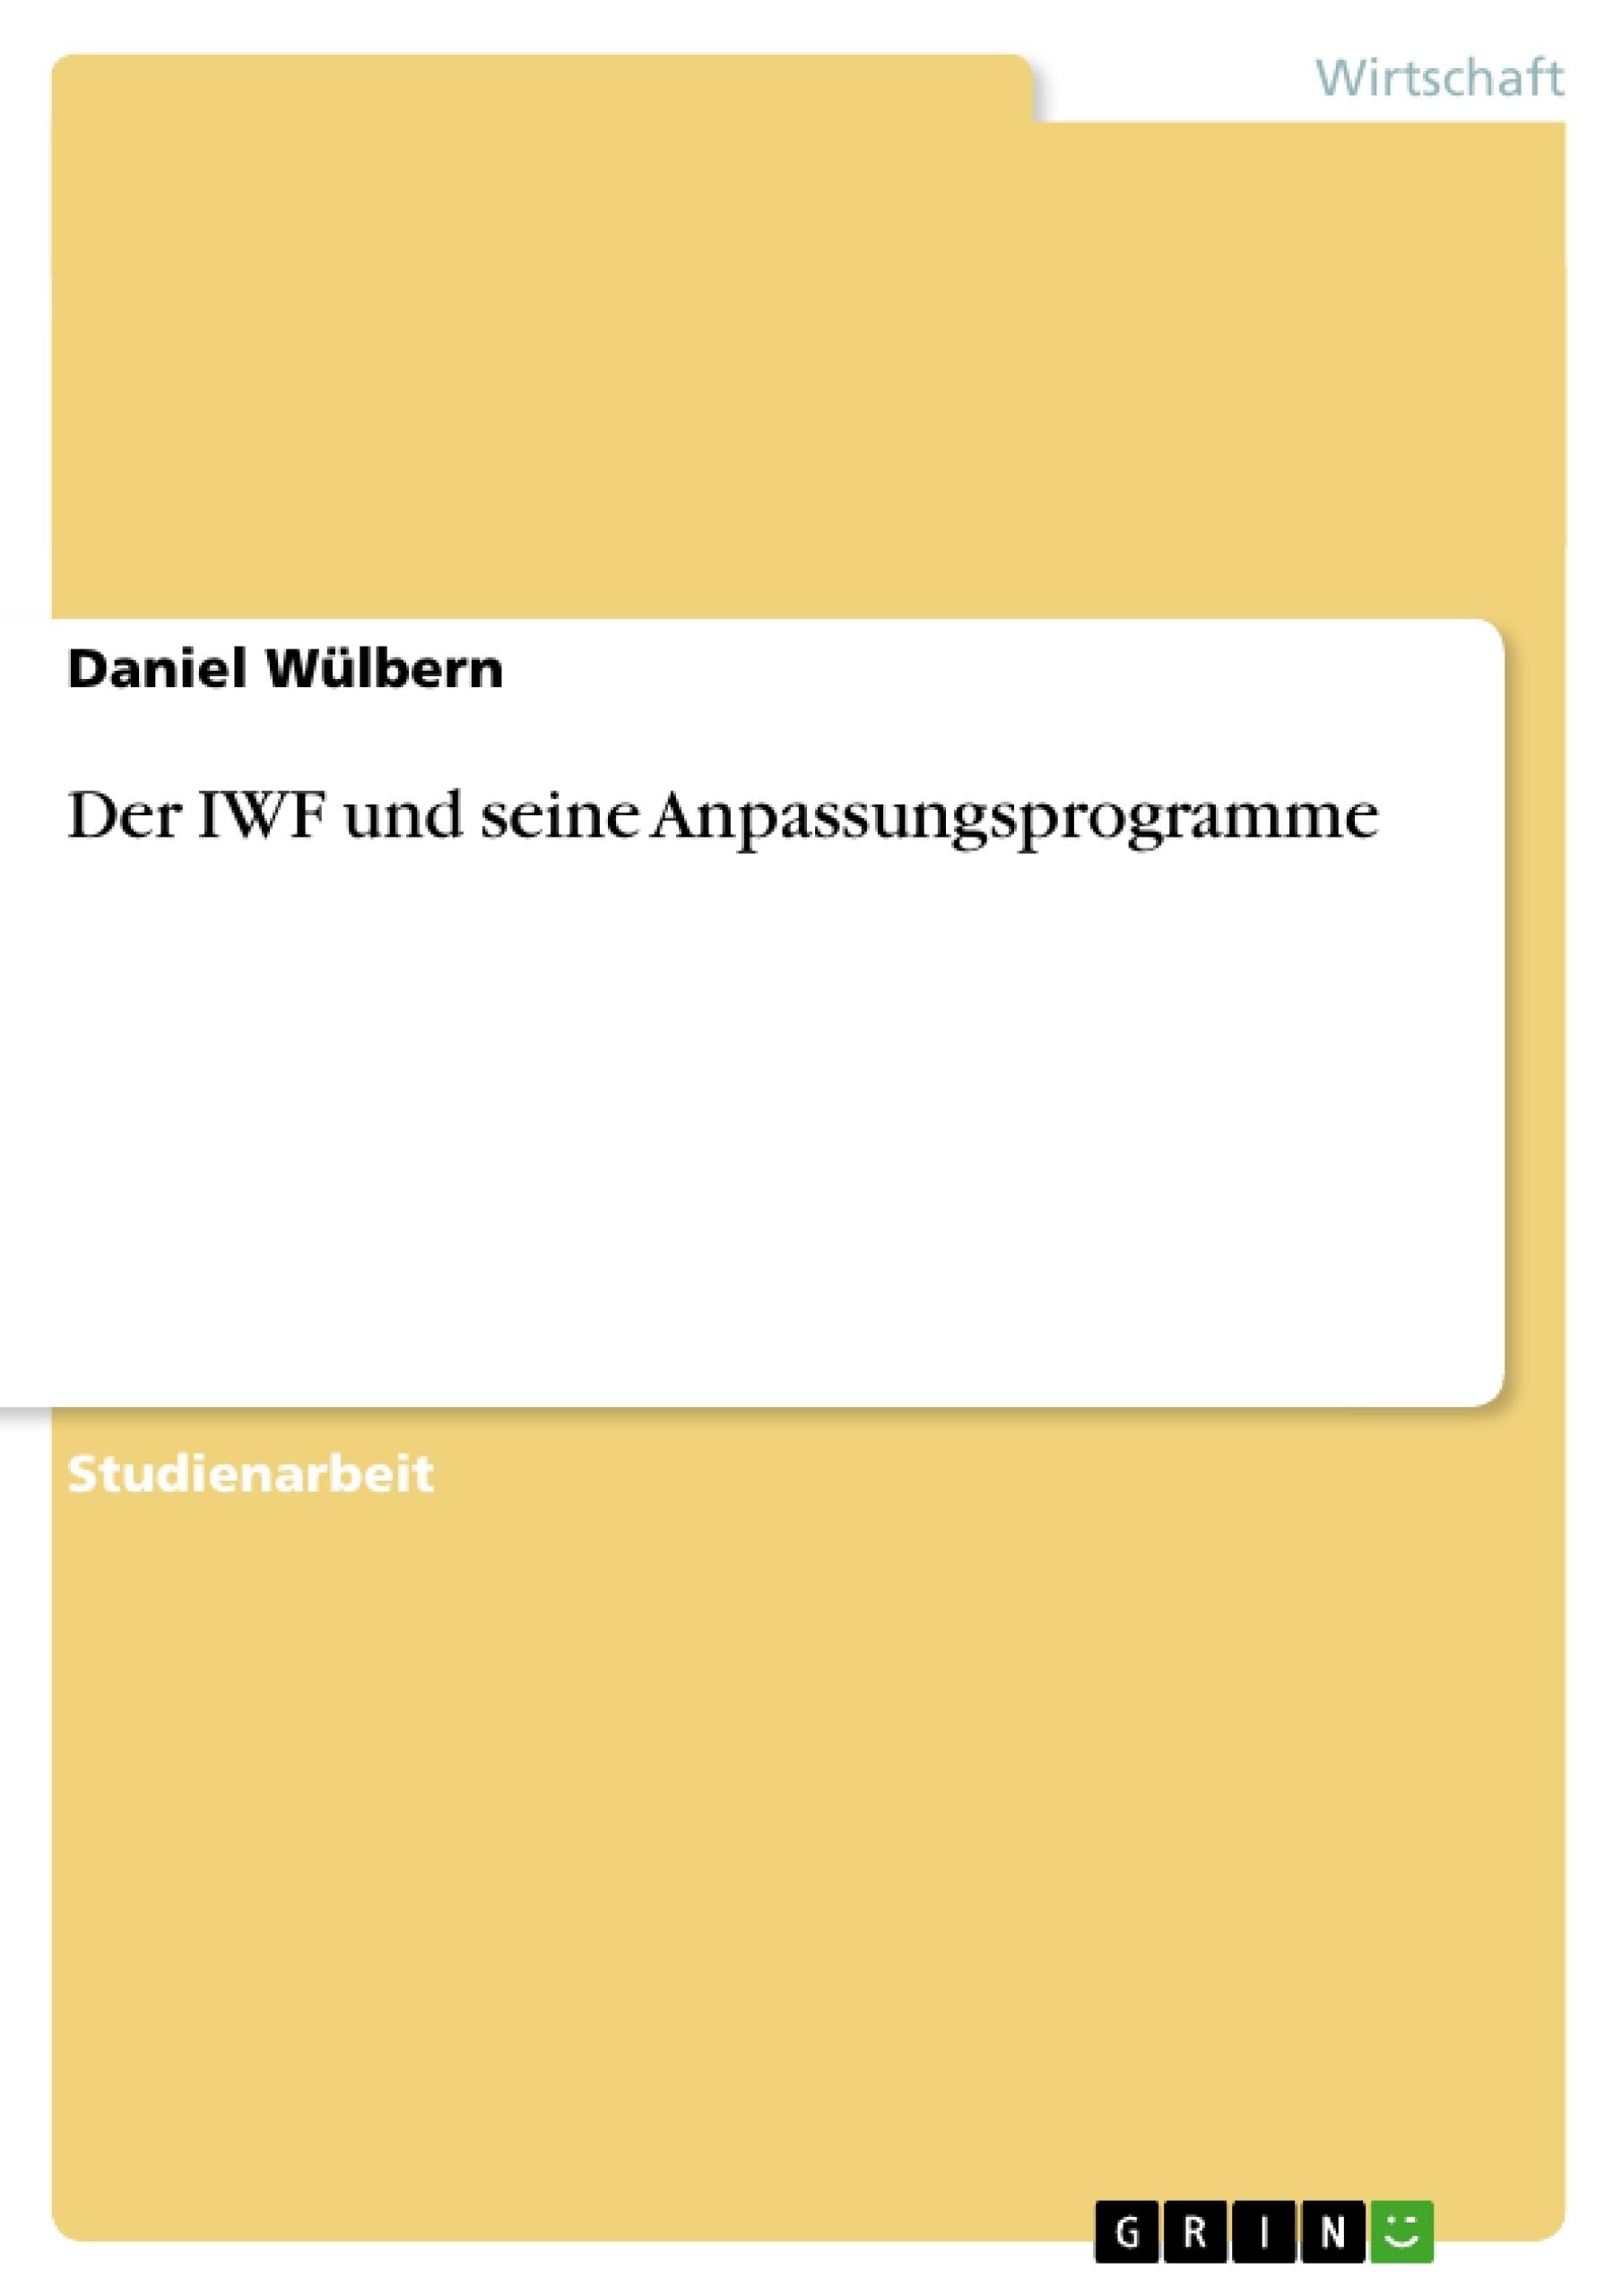 Titel: Der IWF und seine Anpassungsprogramme